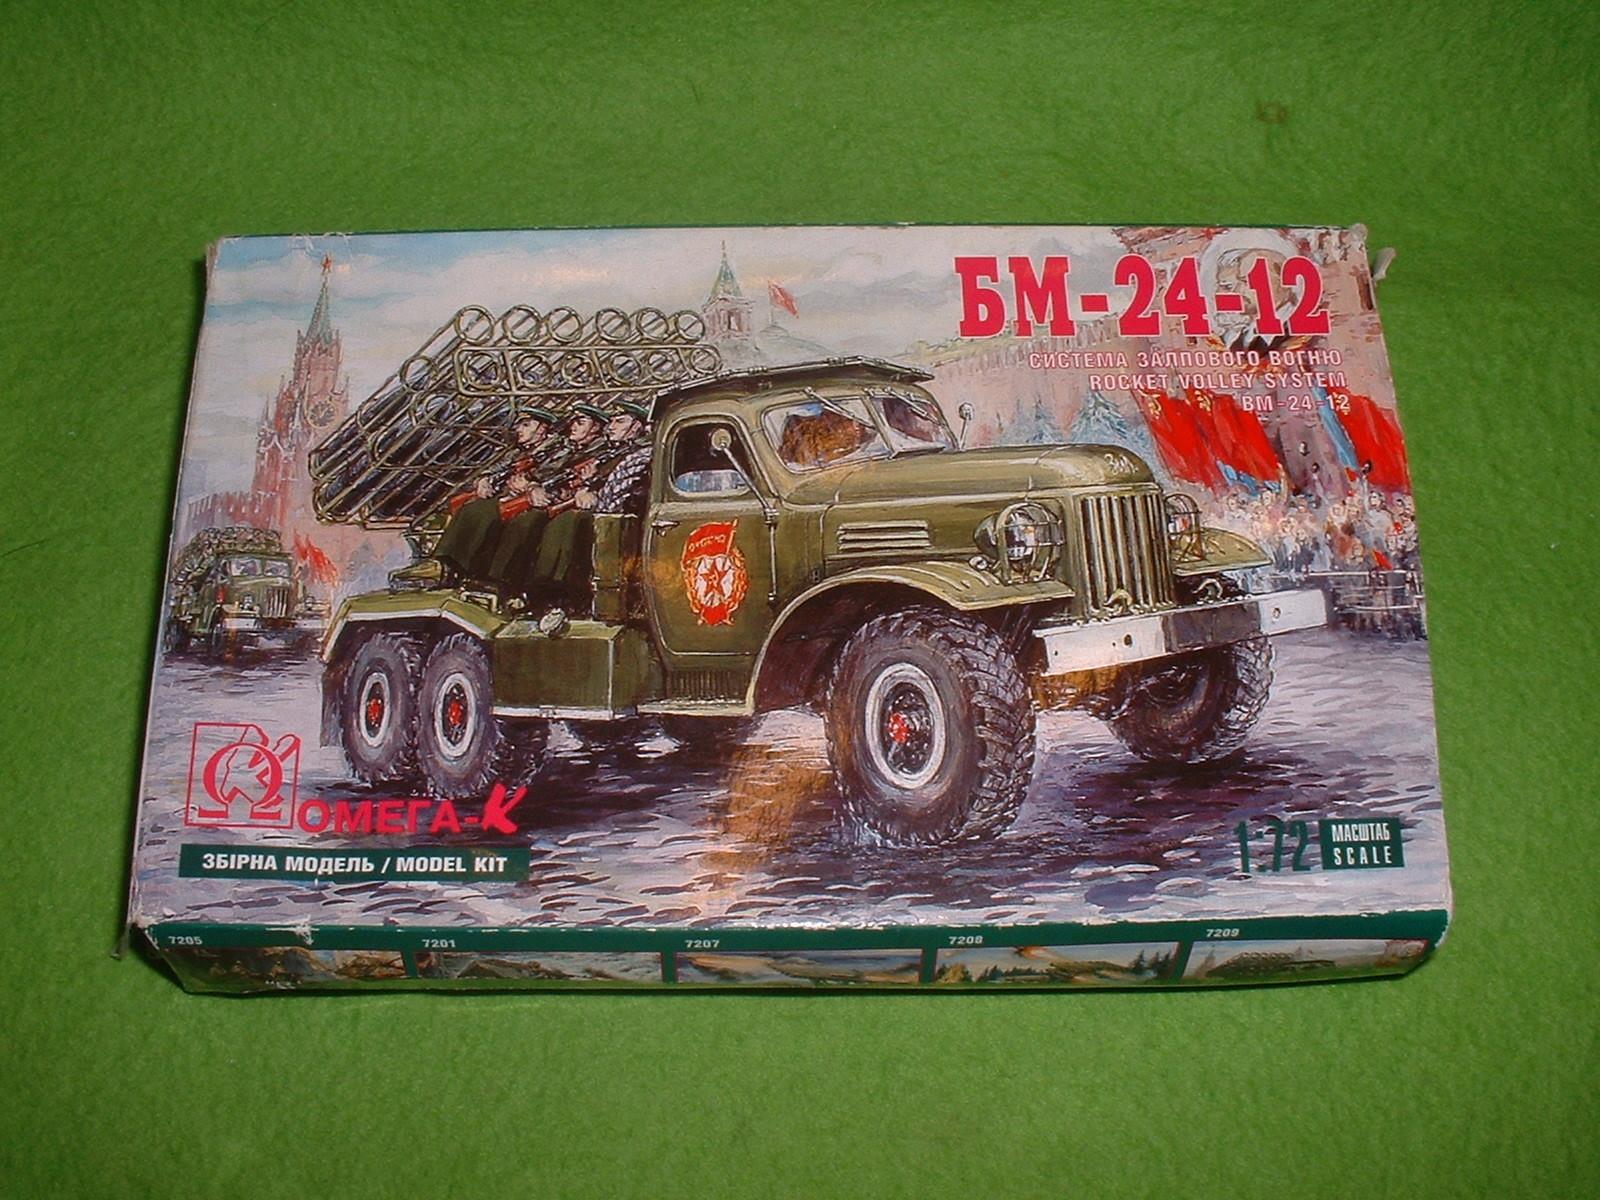 オメガ 72分の1「BM-24-12」.JPG